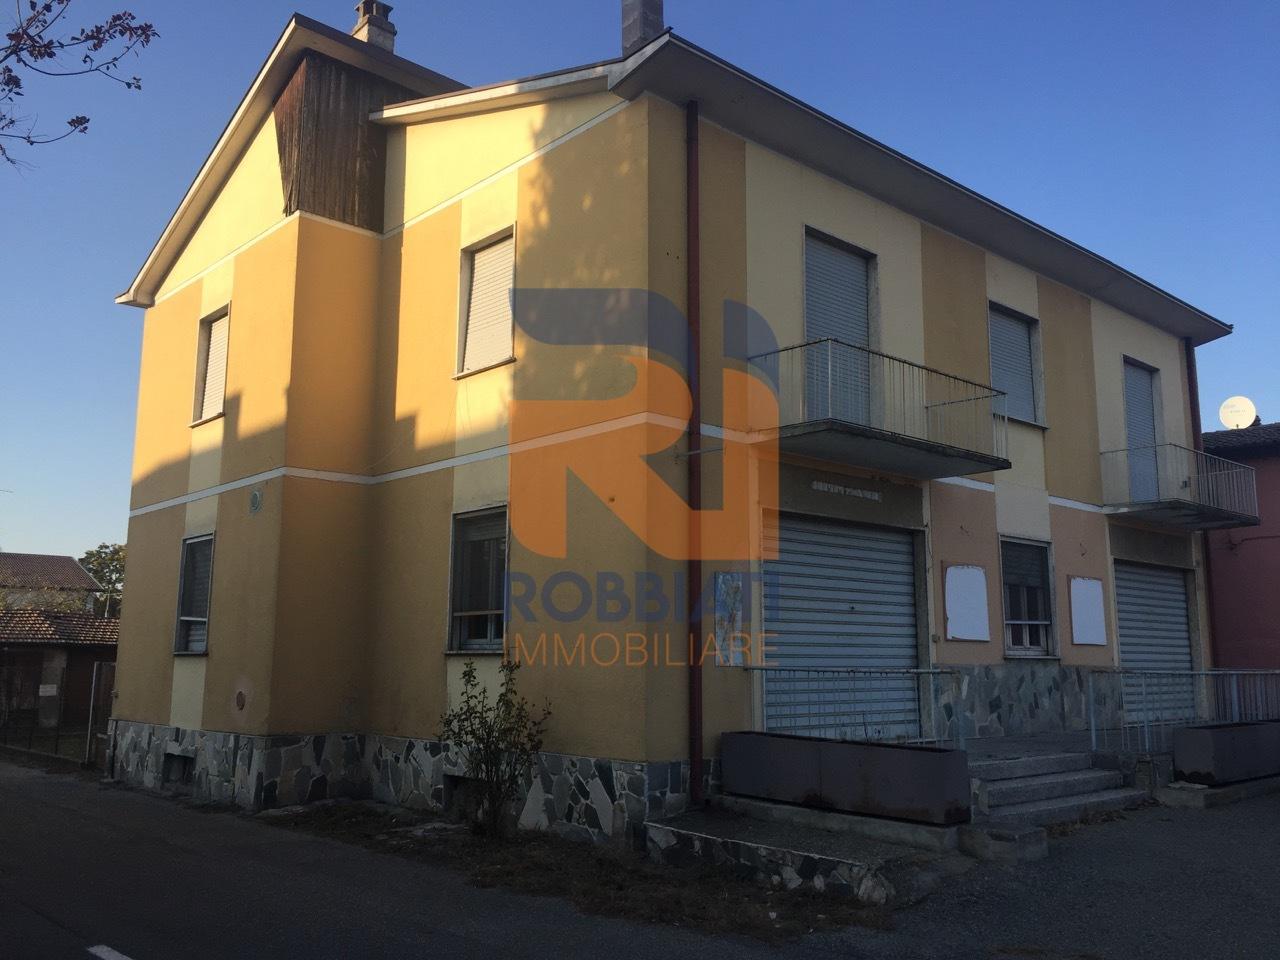 Negozio / Locale in vendita a Bressana Bottarone, 6 locali, prezzo € 170.000 | PortaleAgenzieImmobiliari.it